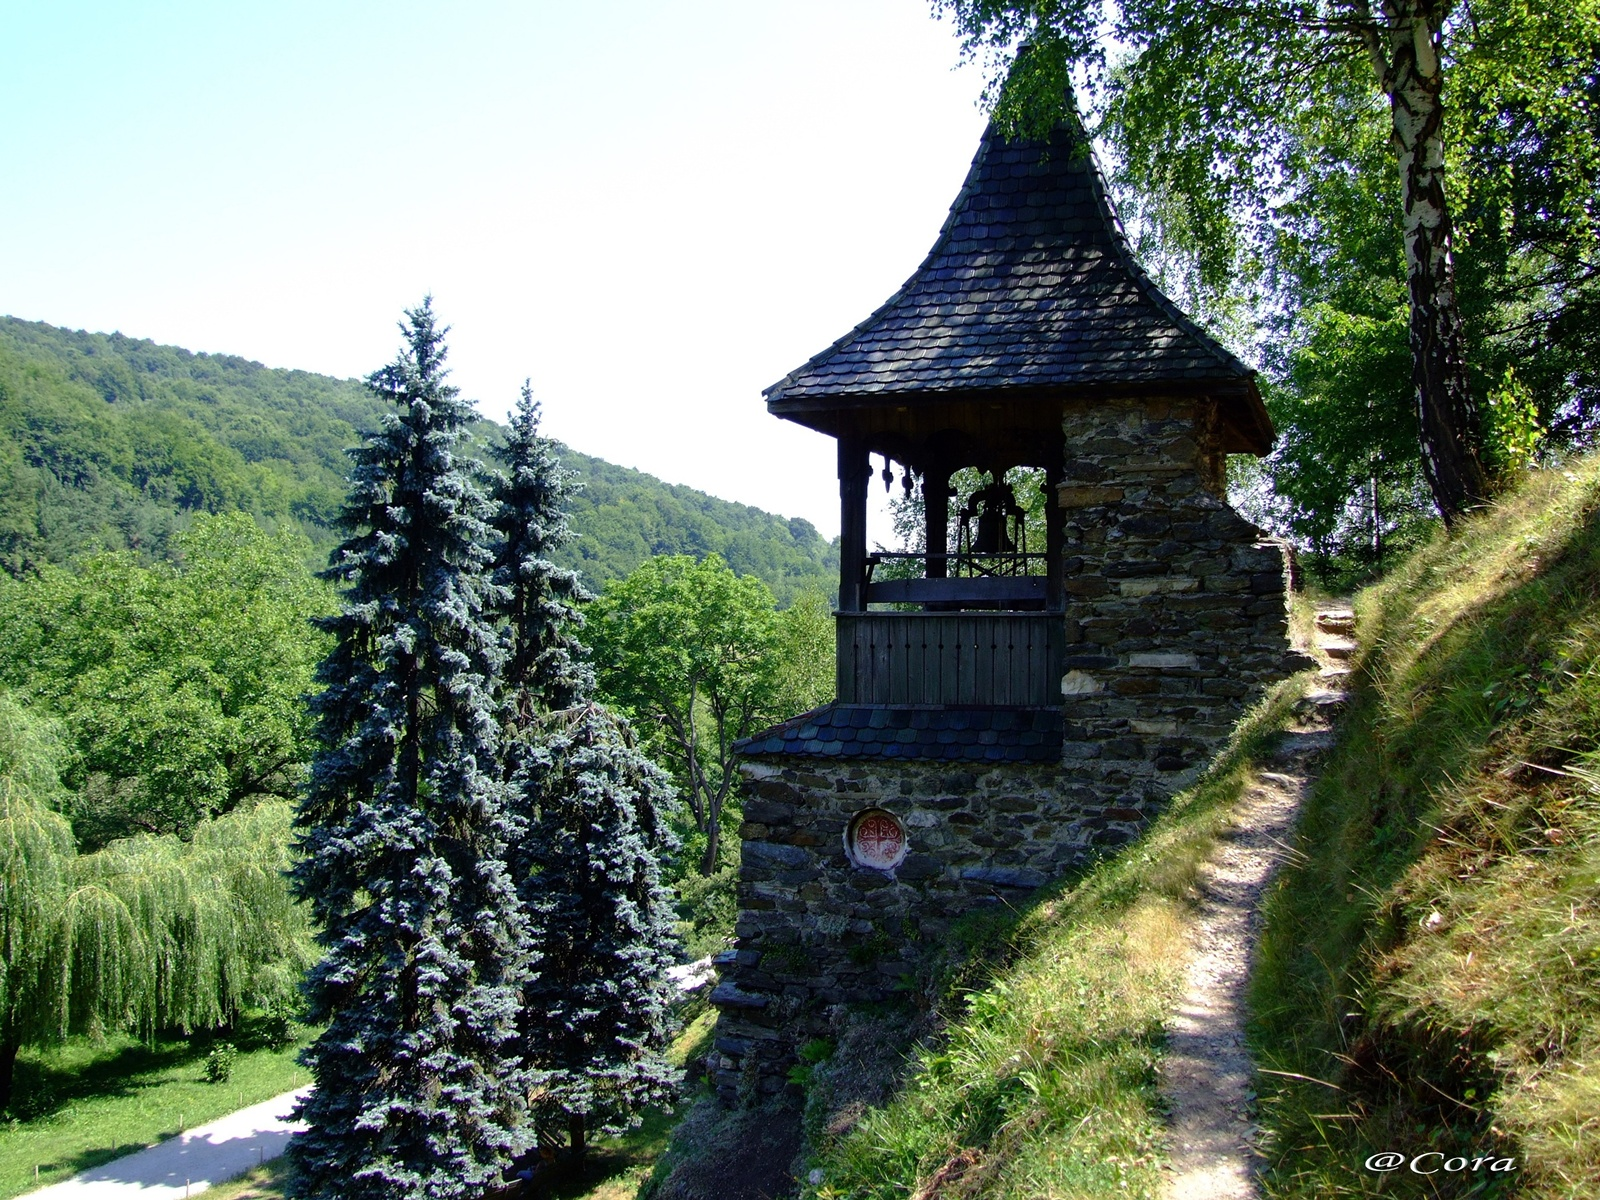 Romania Frumoasă Mănăstirea Prislop Colțul De Rai Al Părintelui